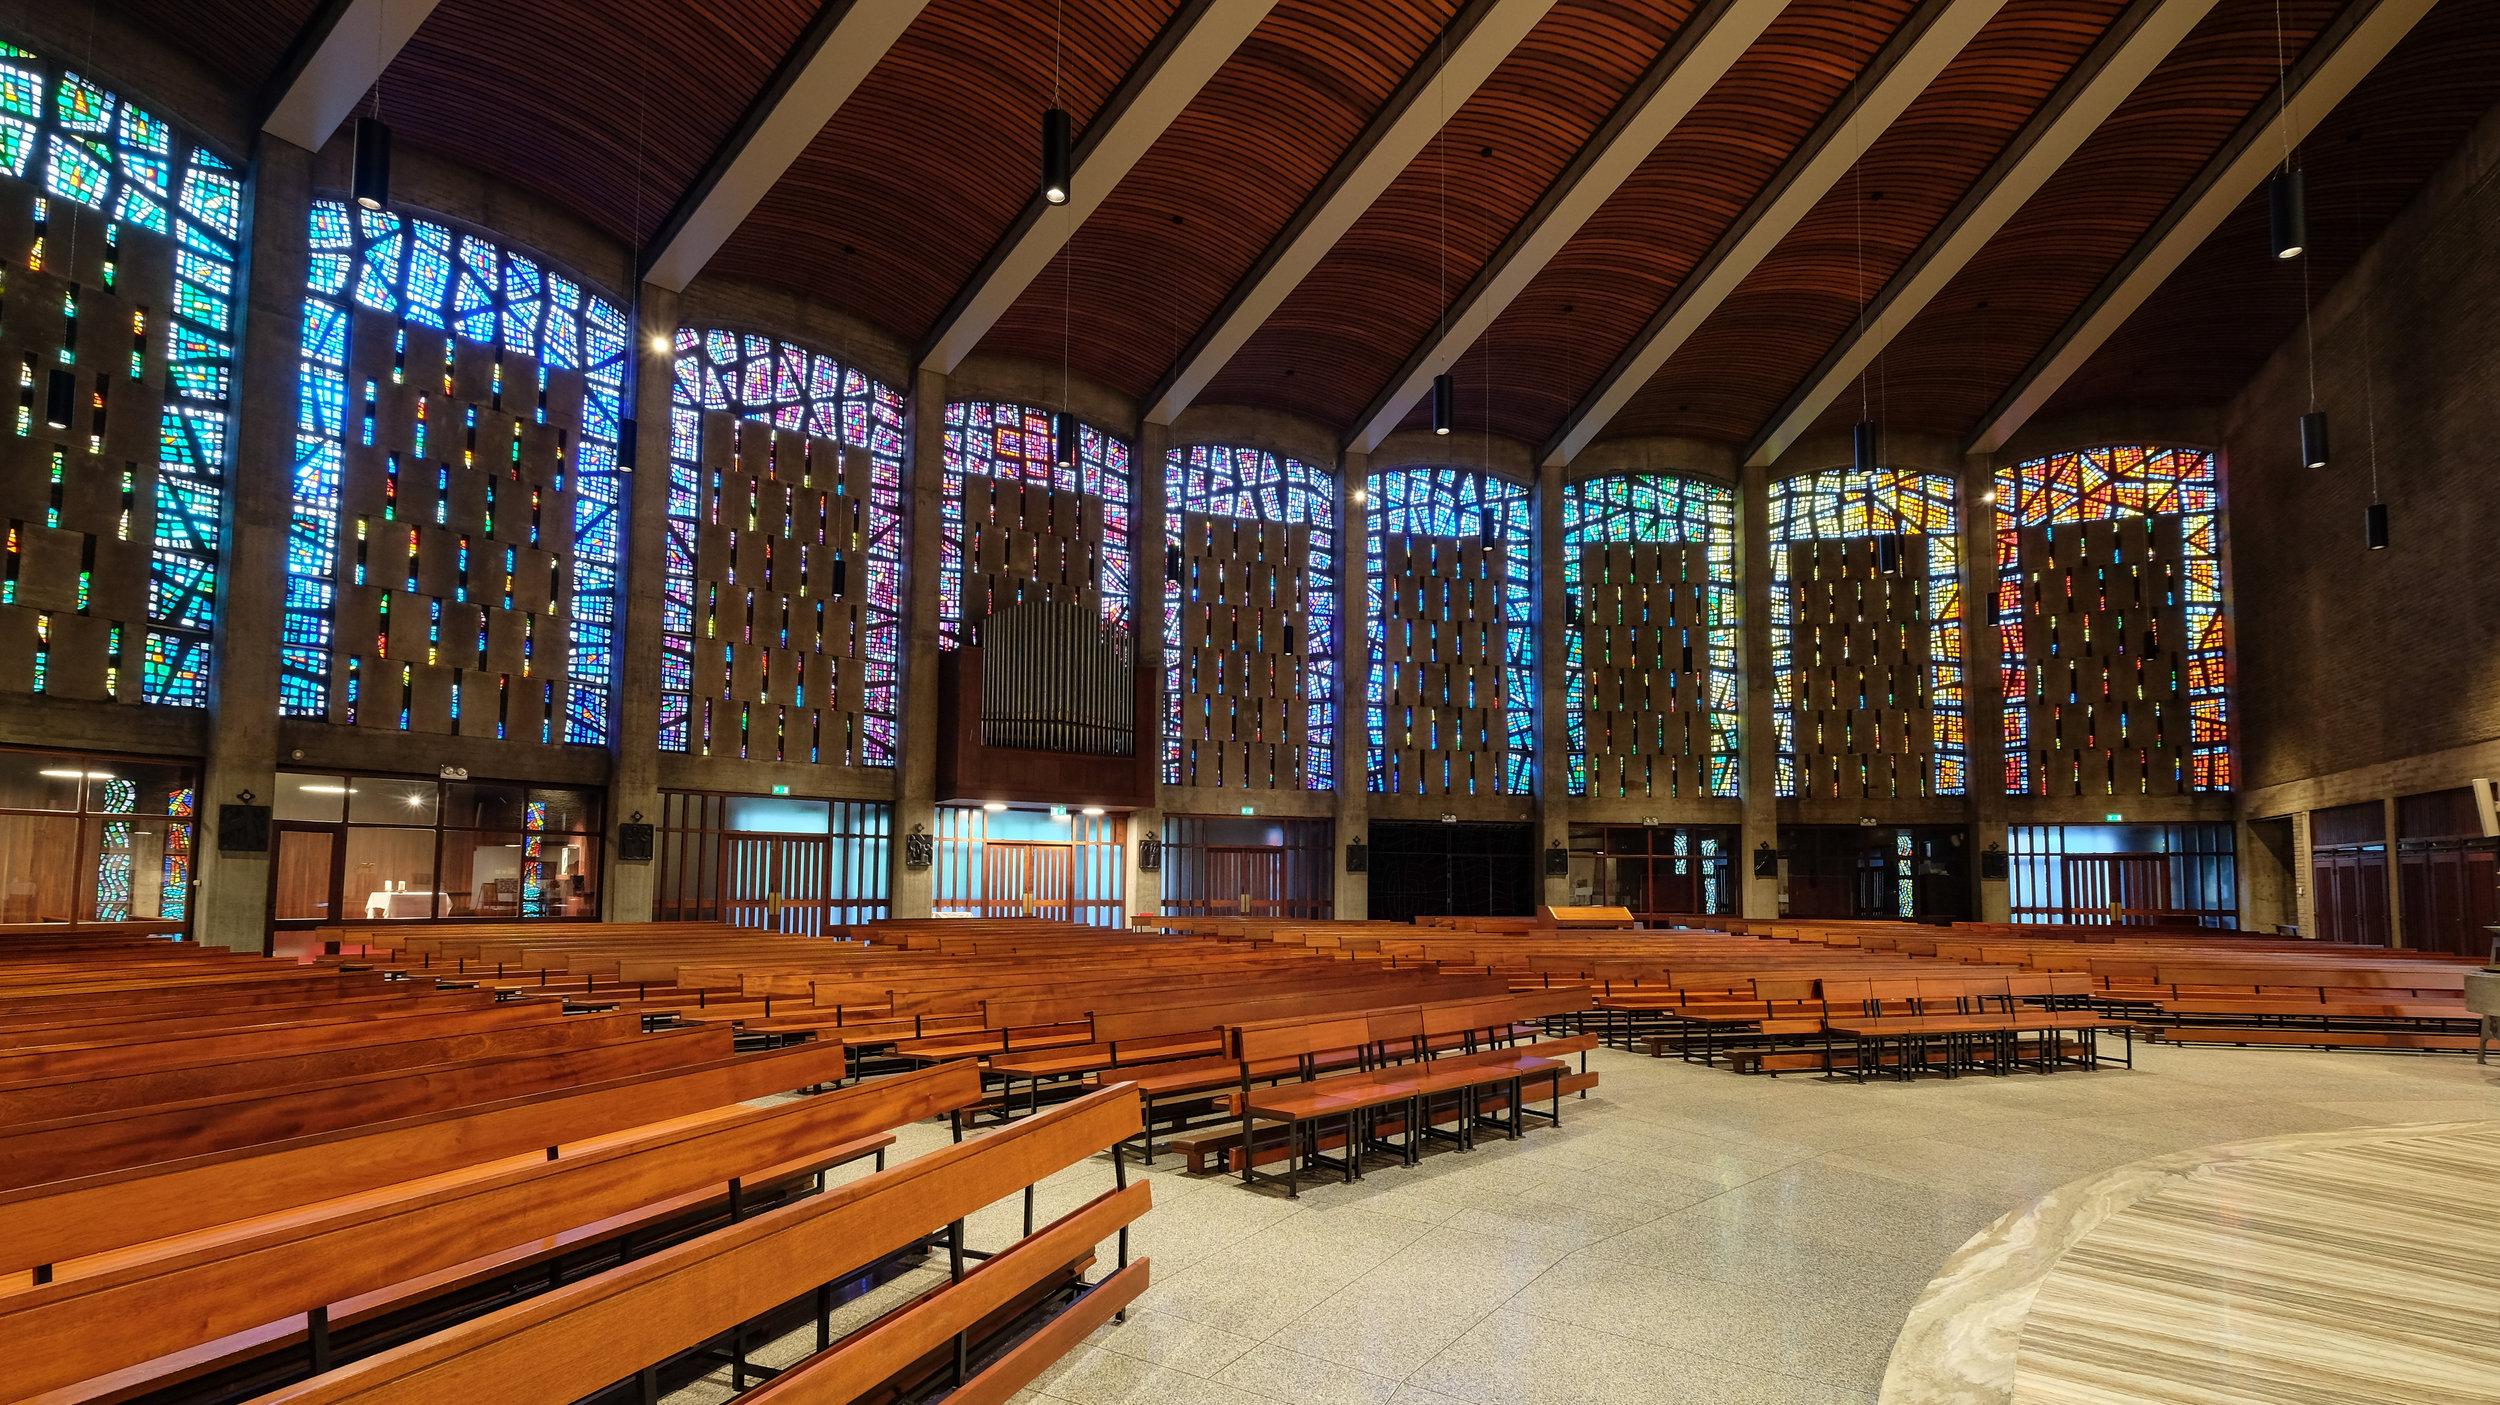 Church of St Bernadette Belfast